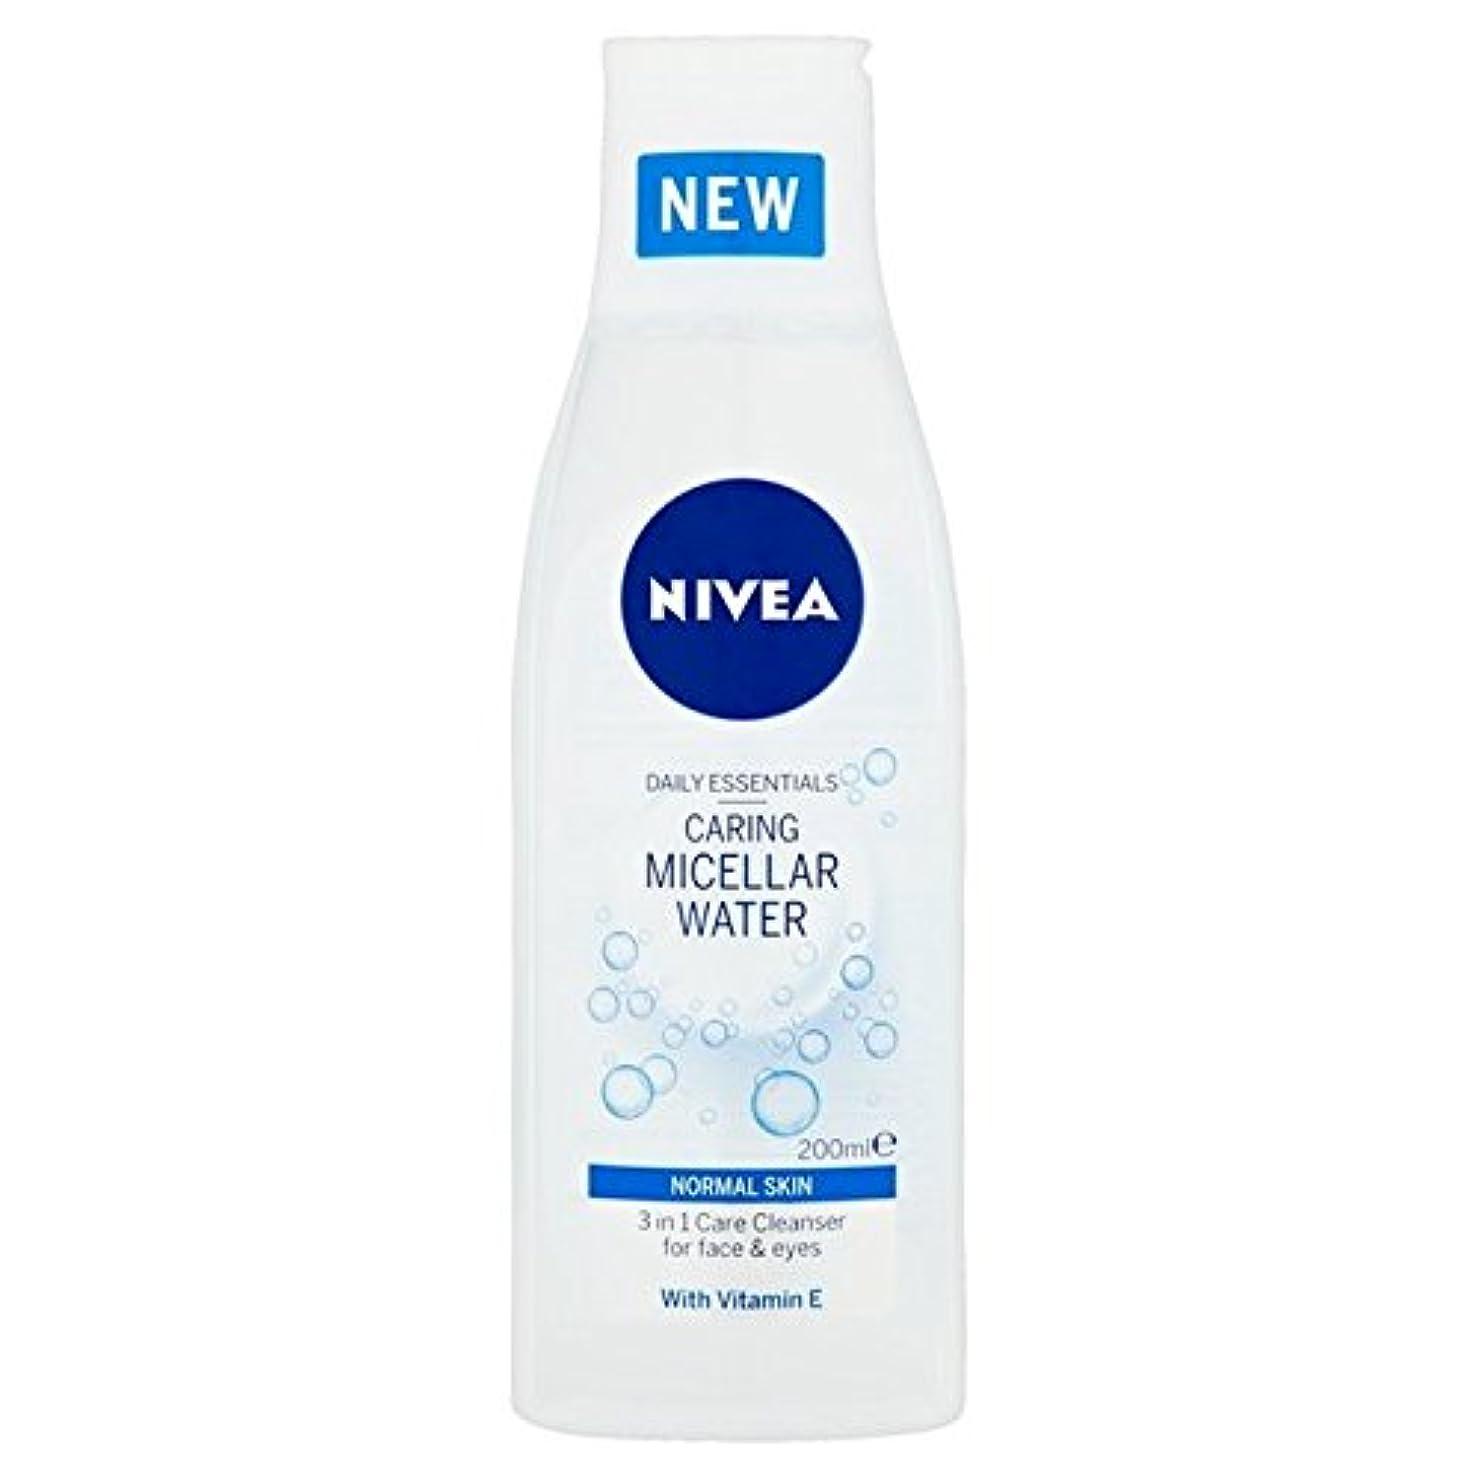 アドバイス不健康不振1つの敏感な思いやりのあるミセル水の正常な皮膚の200ミリリットルでニベア3 x2 - Nivea 3 in 1 Sensitive Caring Micellar Water Normal Skin 200ml (Pack...